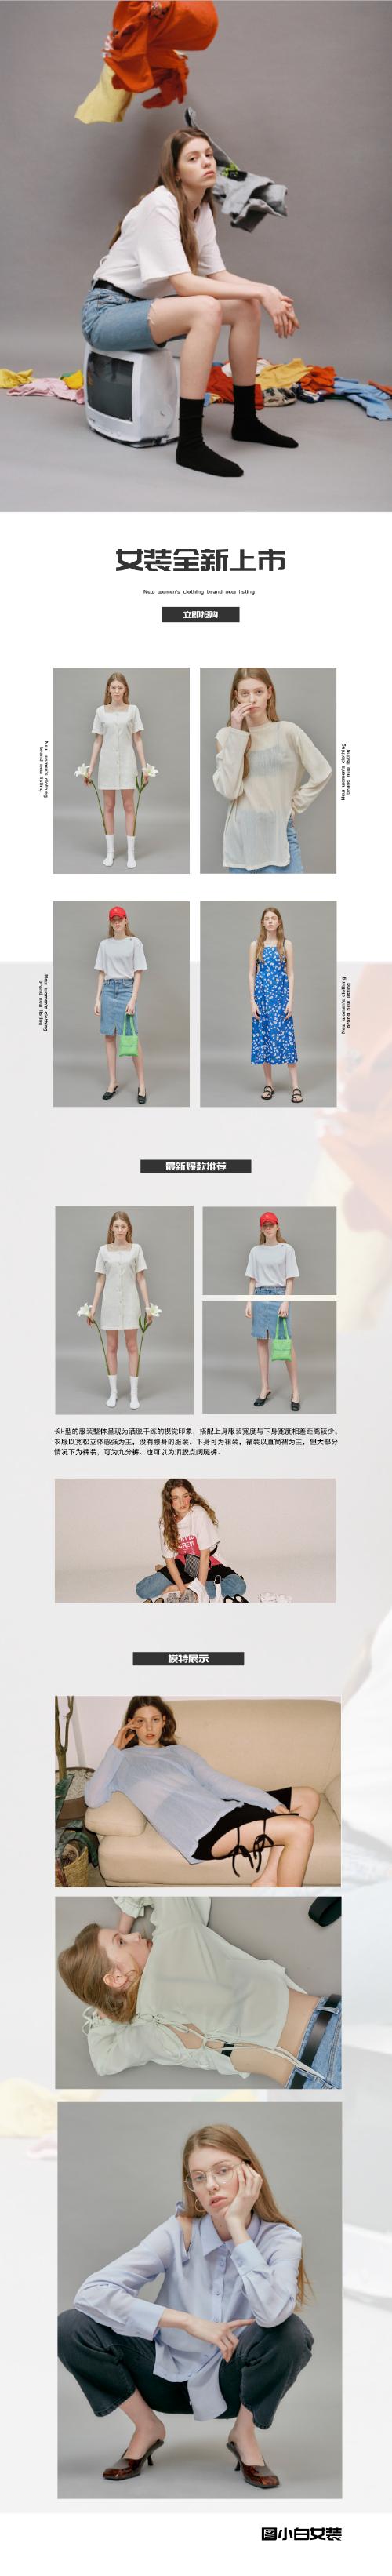 $简介时尚女装推荐淘宝详情页